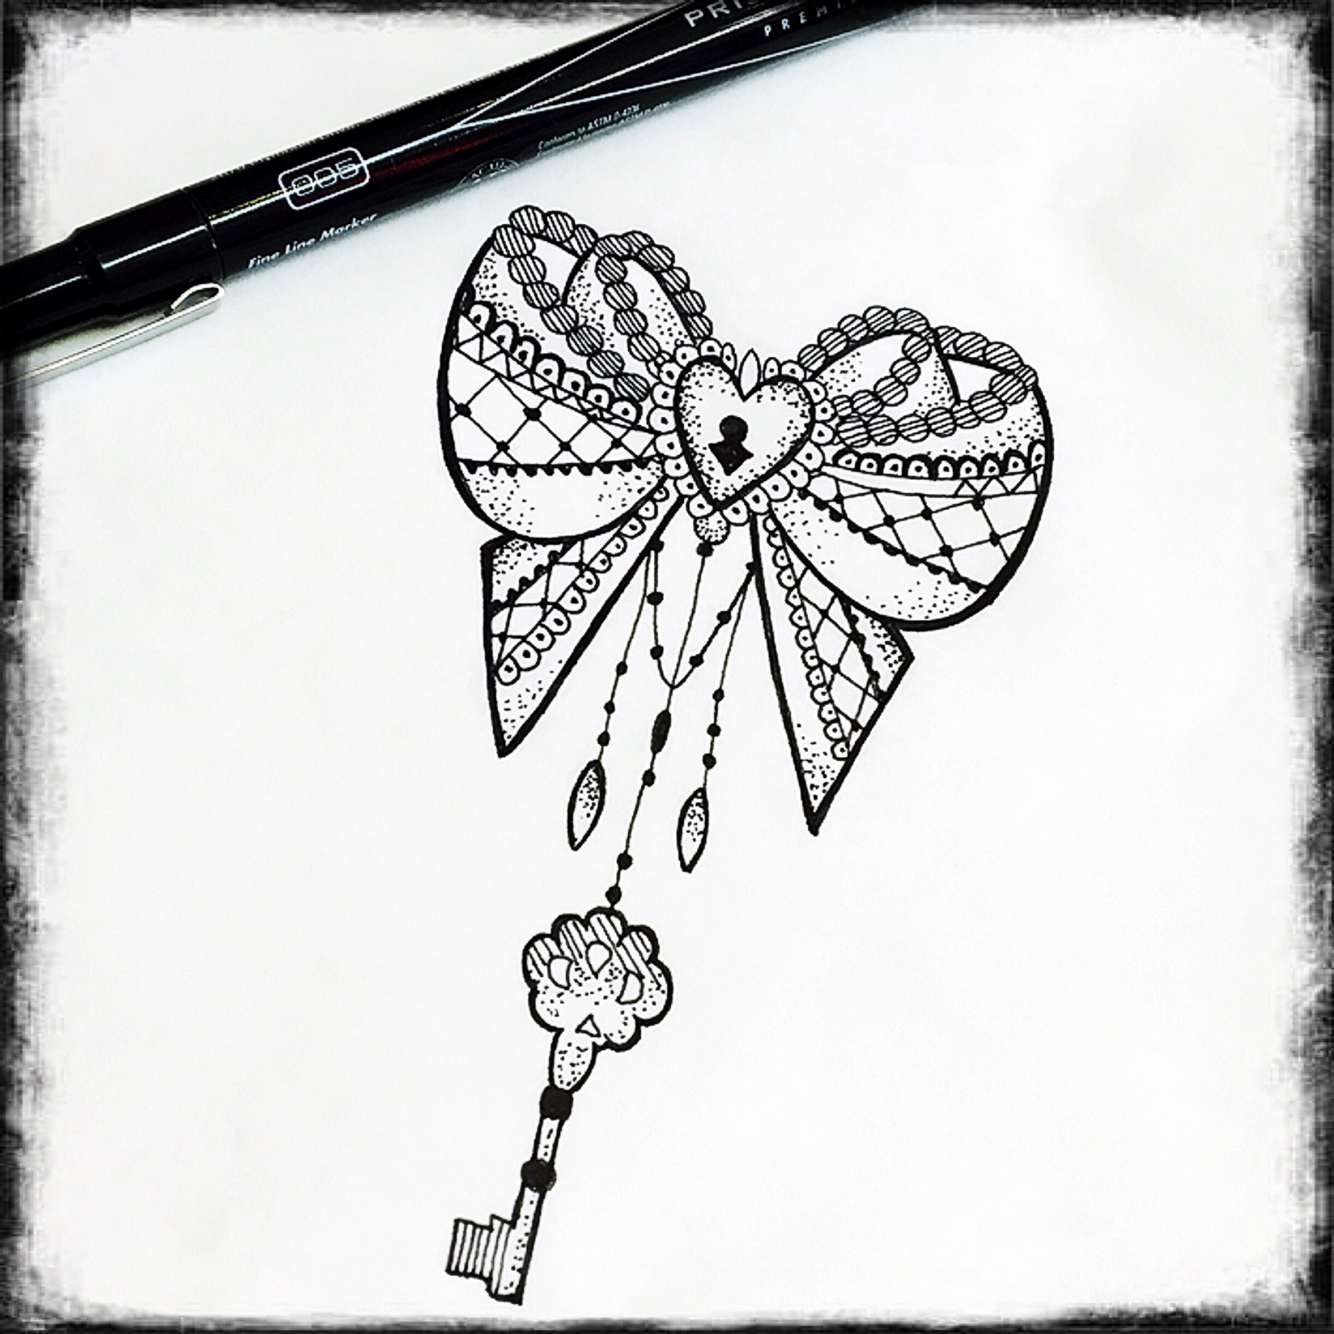 1334x1334 Drawn Key Heart Clip Art